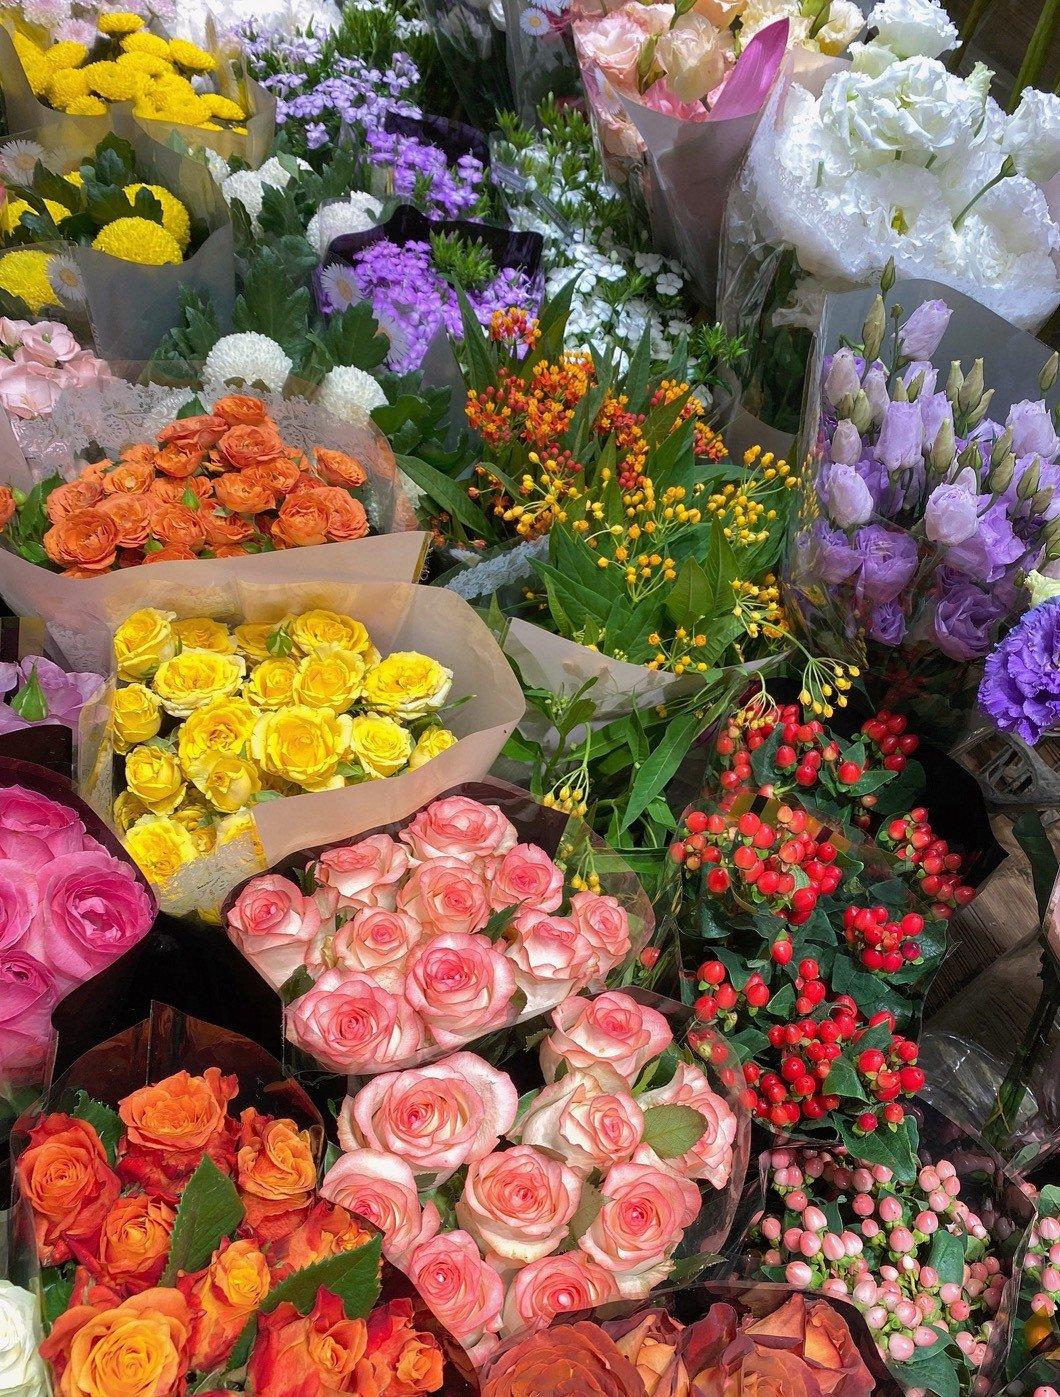 花的图片高清朋友圈背景|浪漫的代表是鲜花